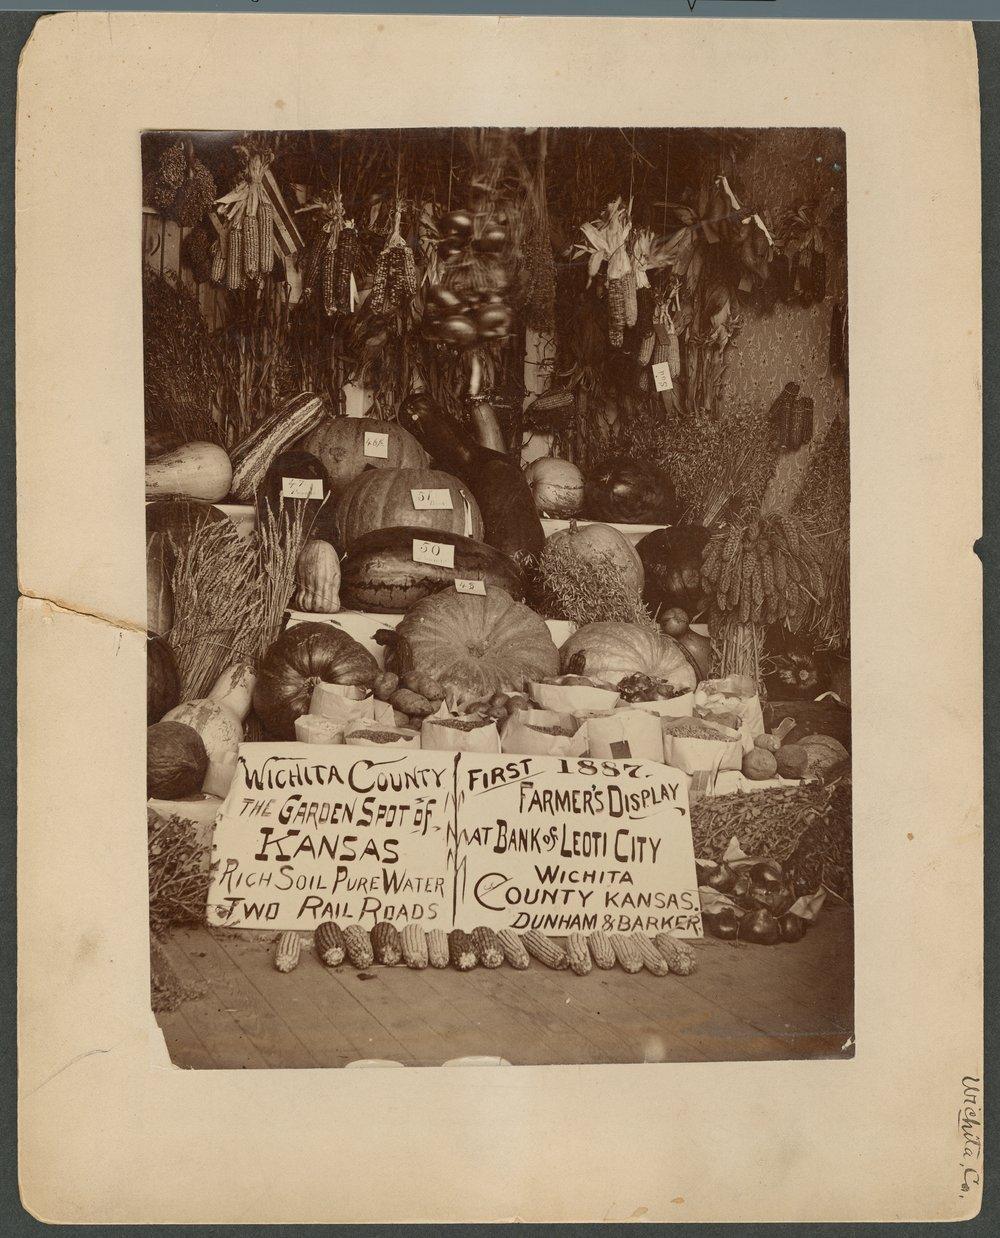 Farmer's display, Wichita County Fair, Kansas